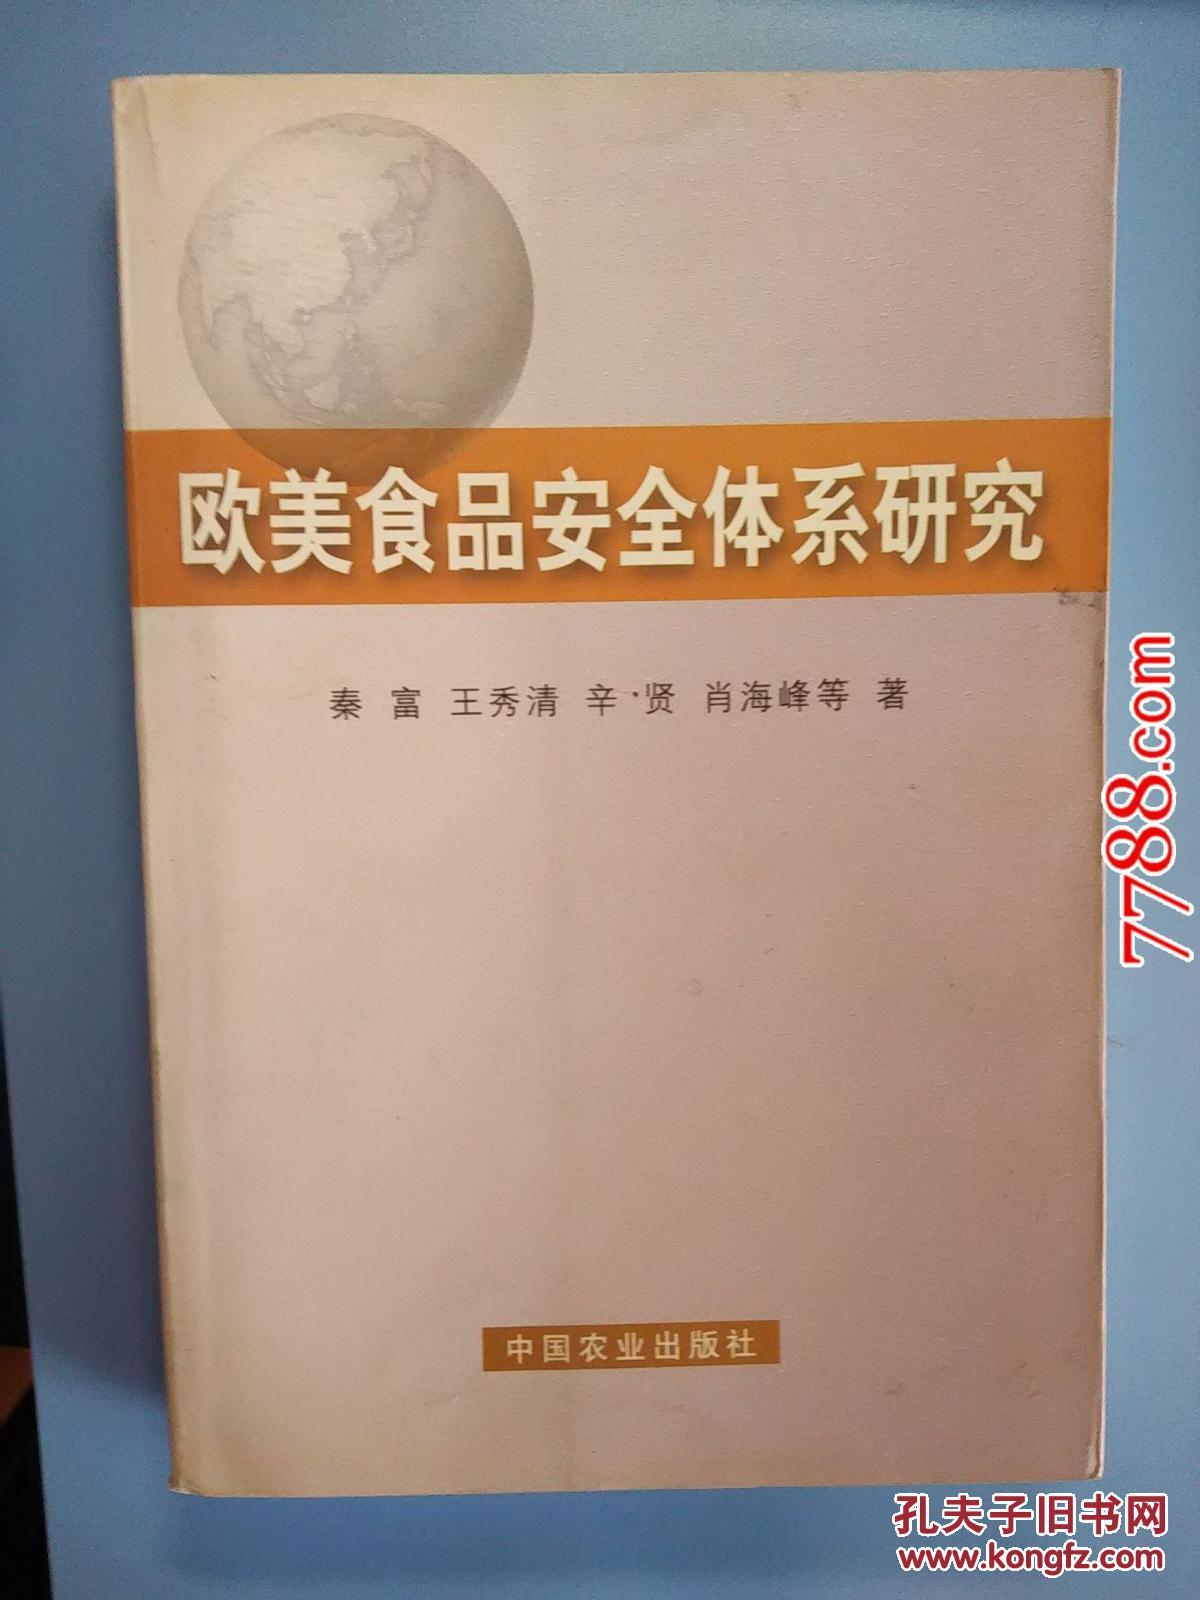 欧美食品安全体系研究   中国农业出版社2003年一版一印仅印2000册